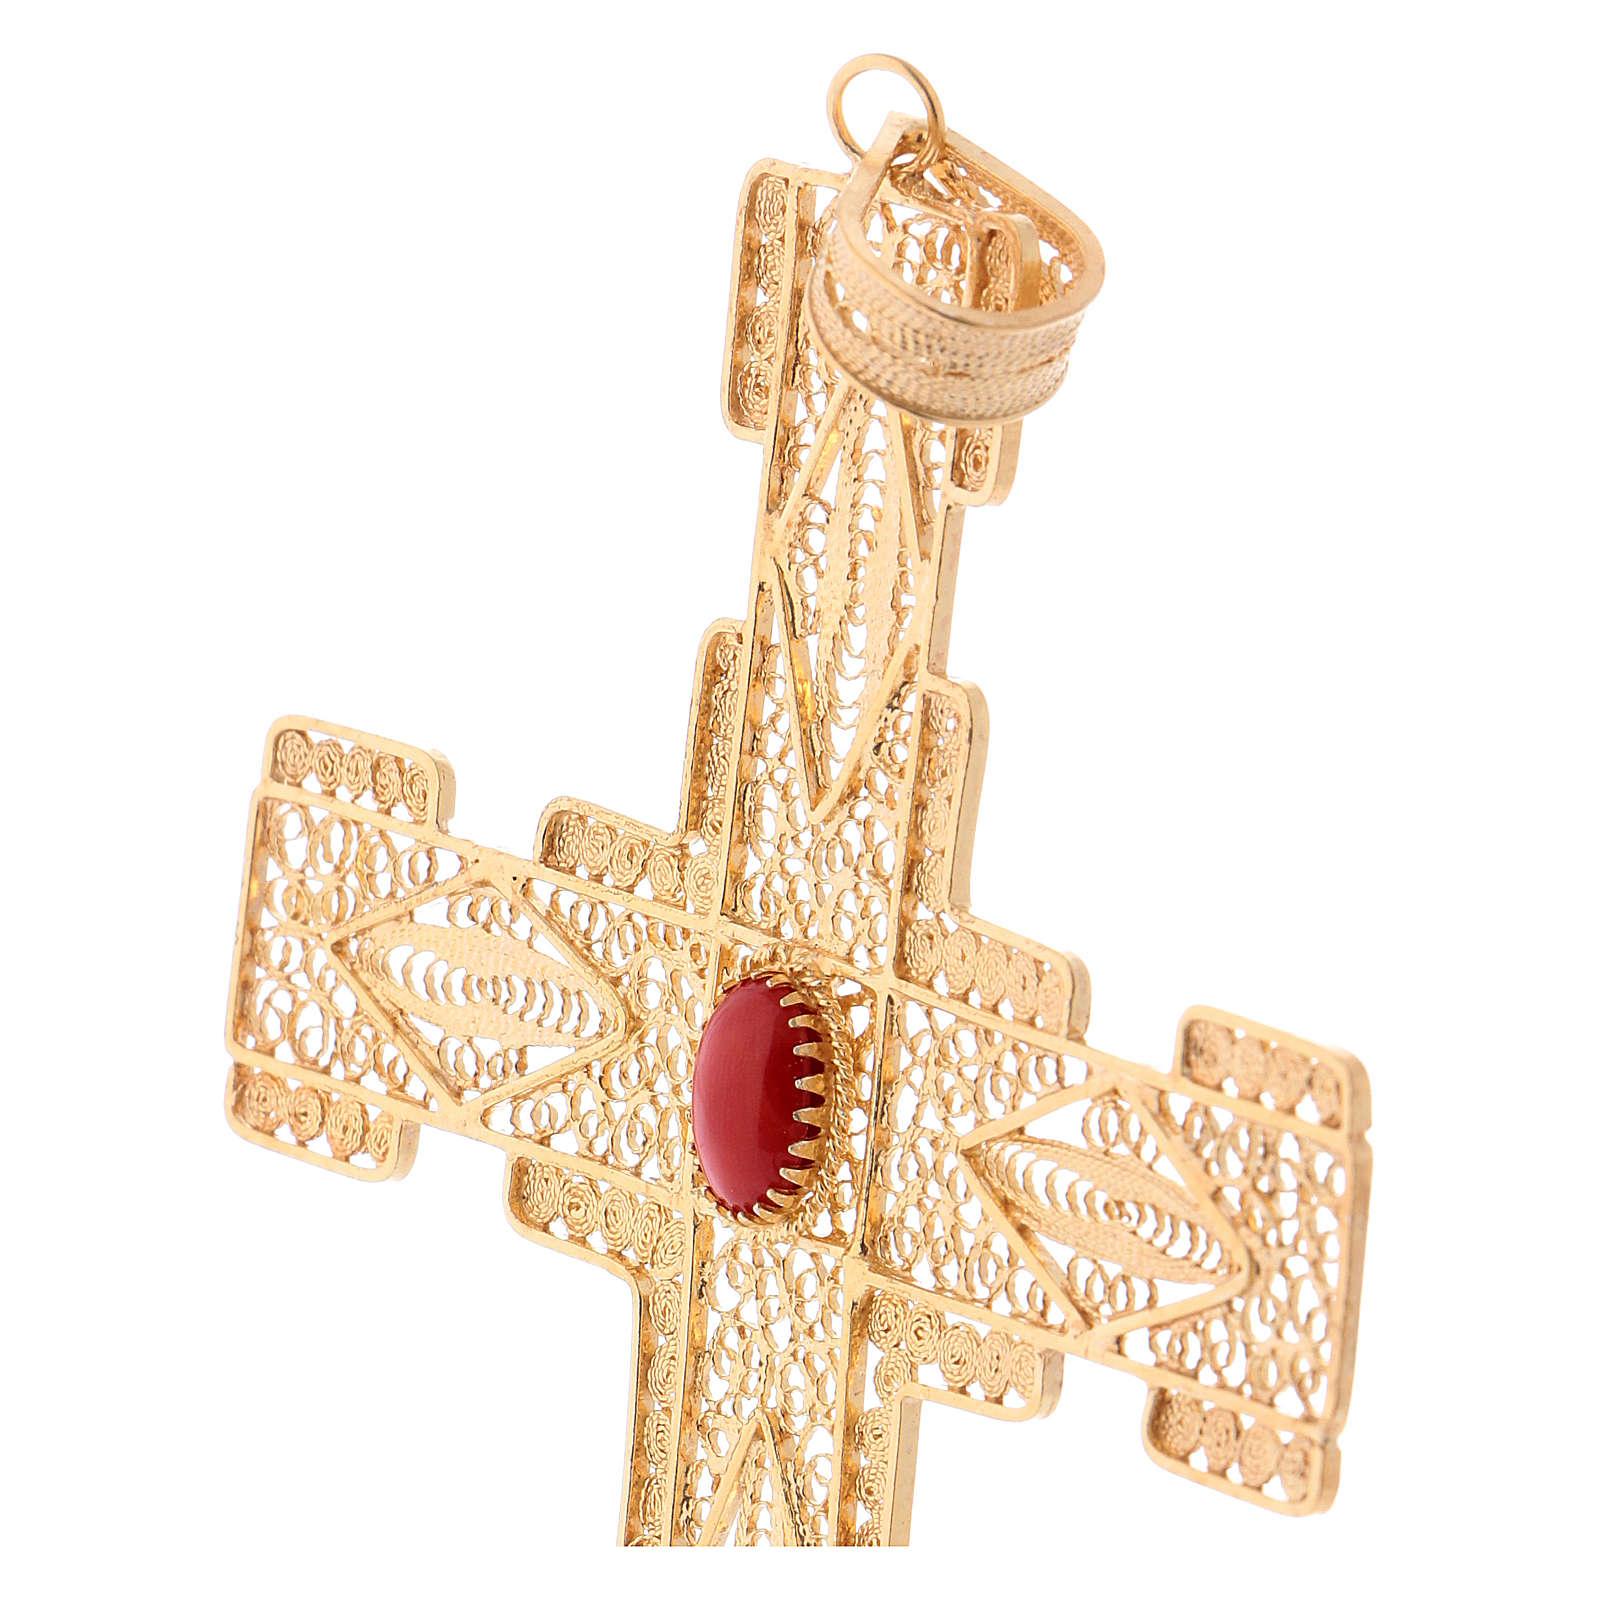 Croce pettorale filigrana argento 800 dorato corallo 3